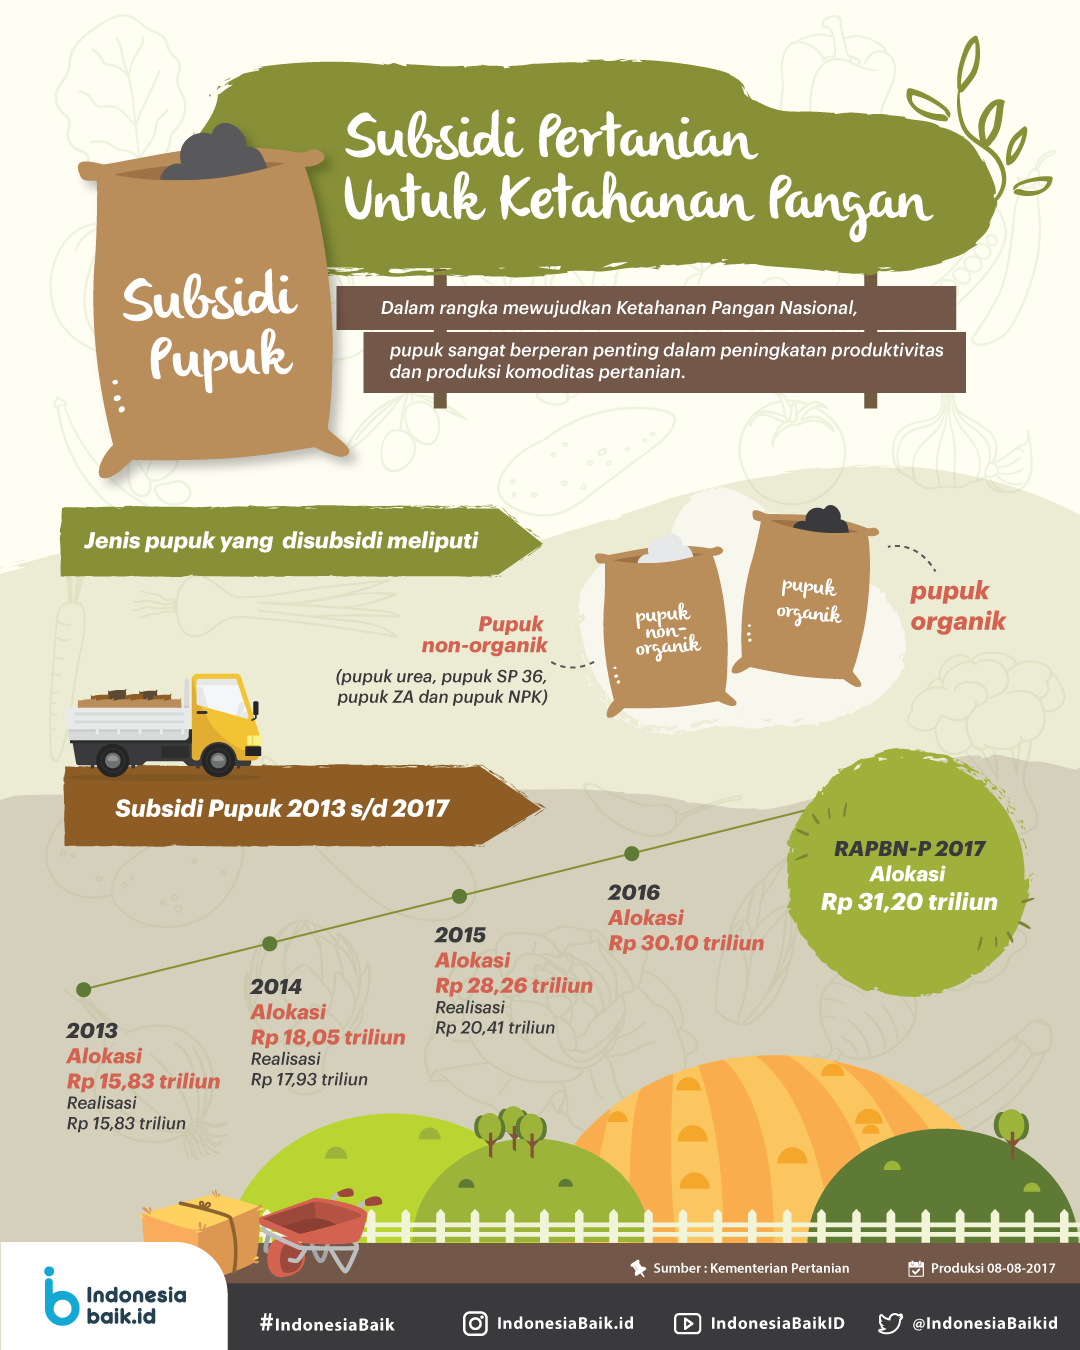 Subsidi Pertanian Untuk Ketahanan Pangan